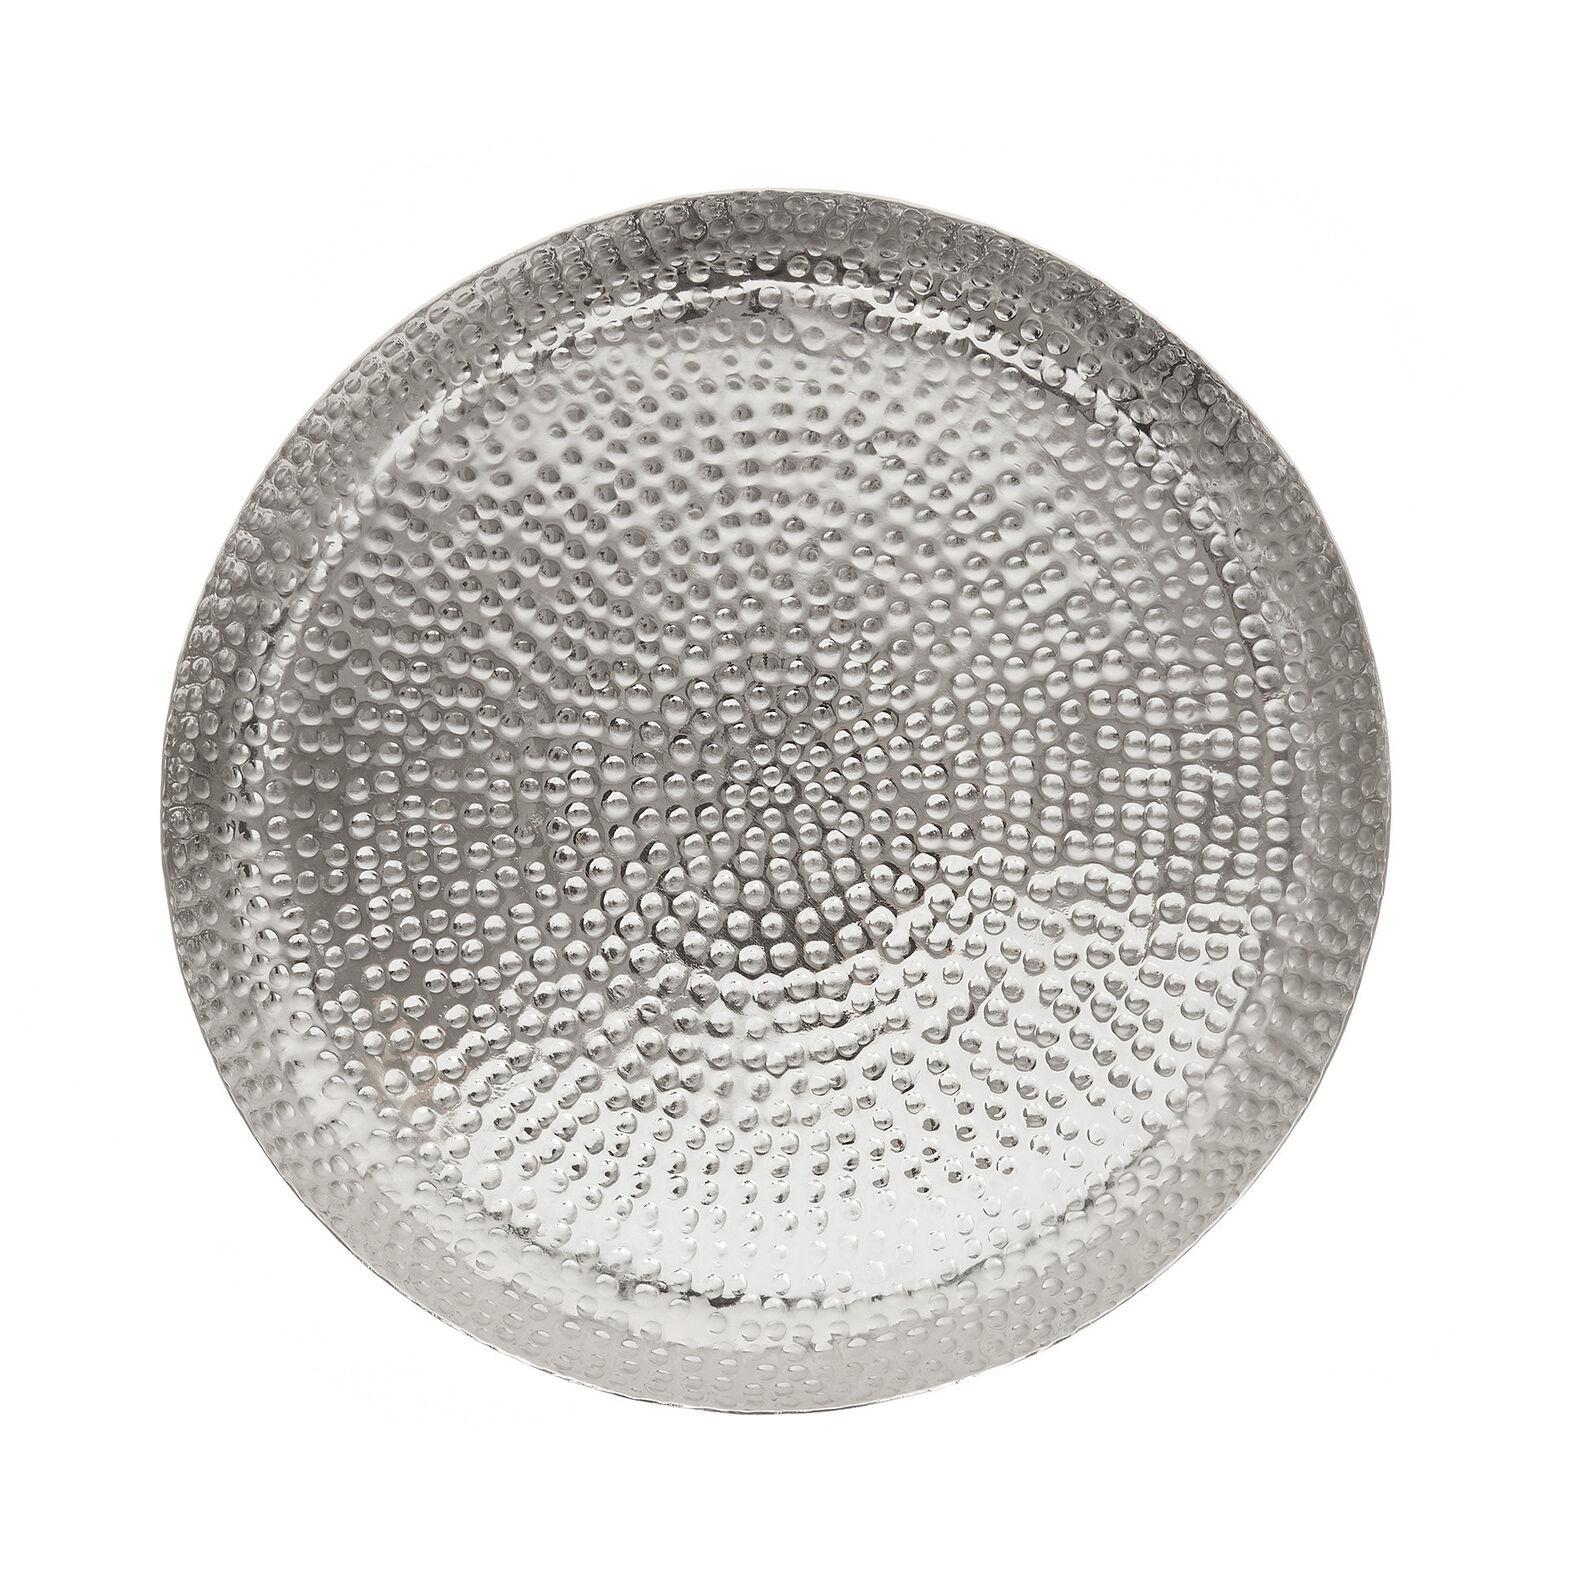 Textured aluminium tray